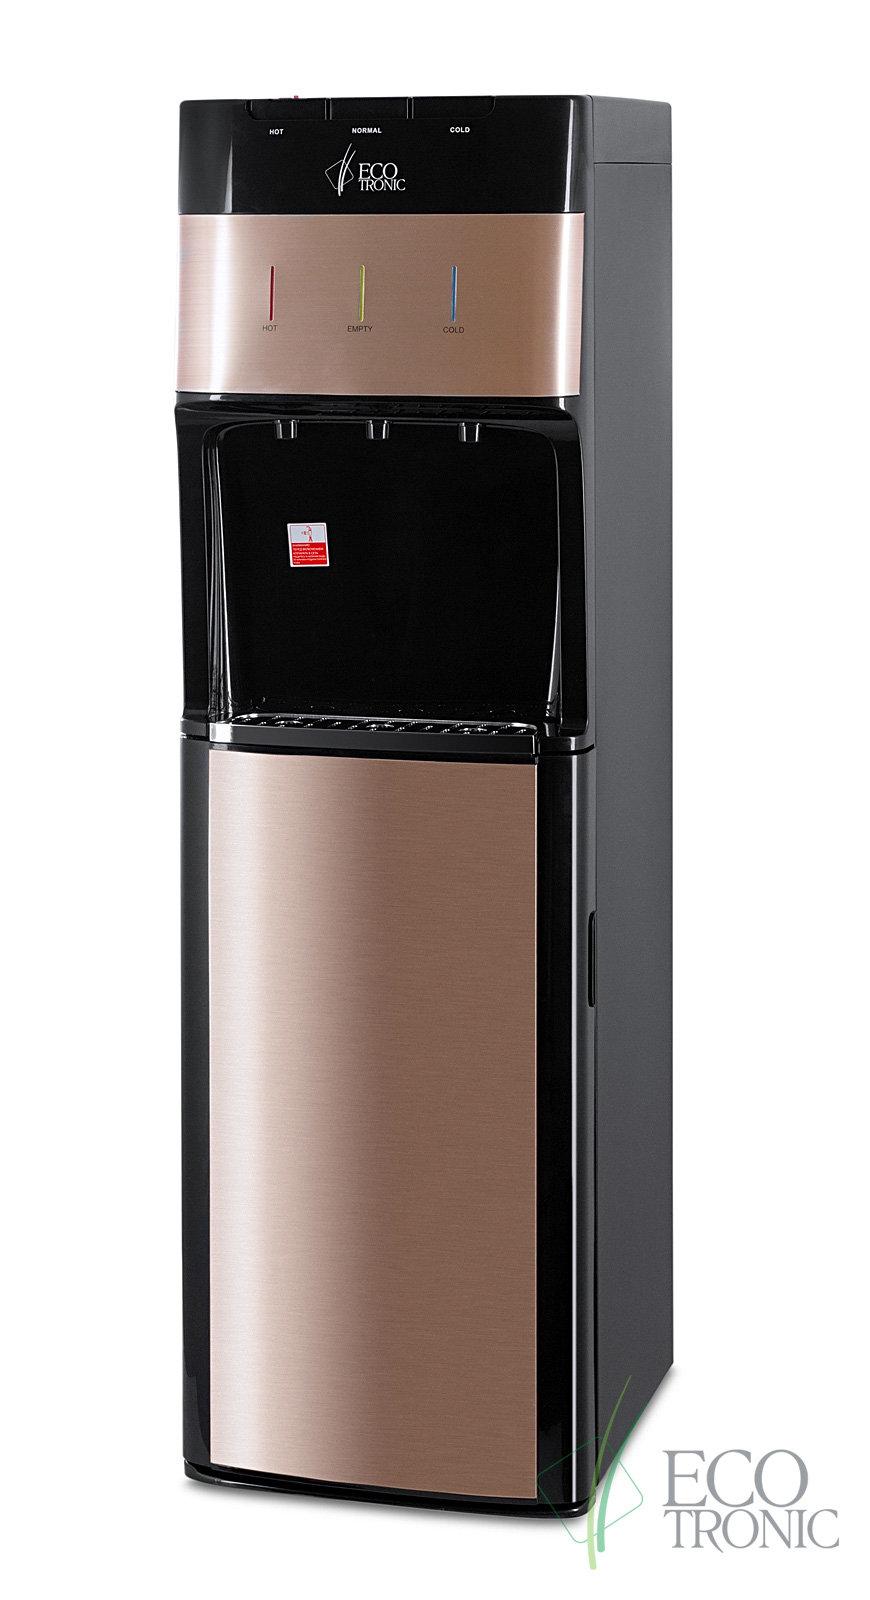 Кулер для воды Ecotronic M30-LXE Black-Gold напольный с нижней загрузкой